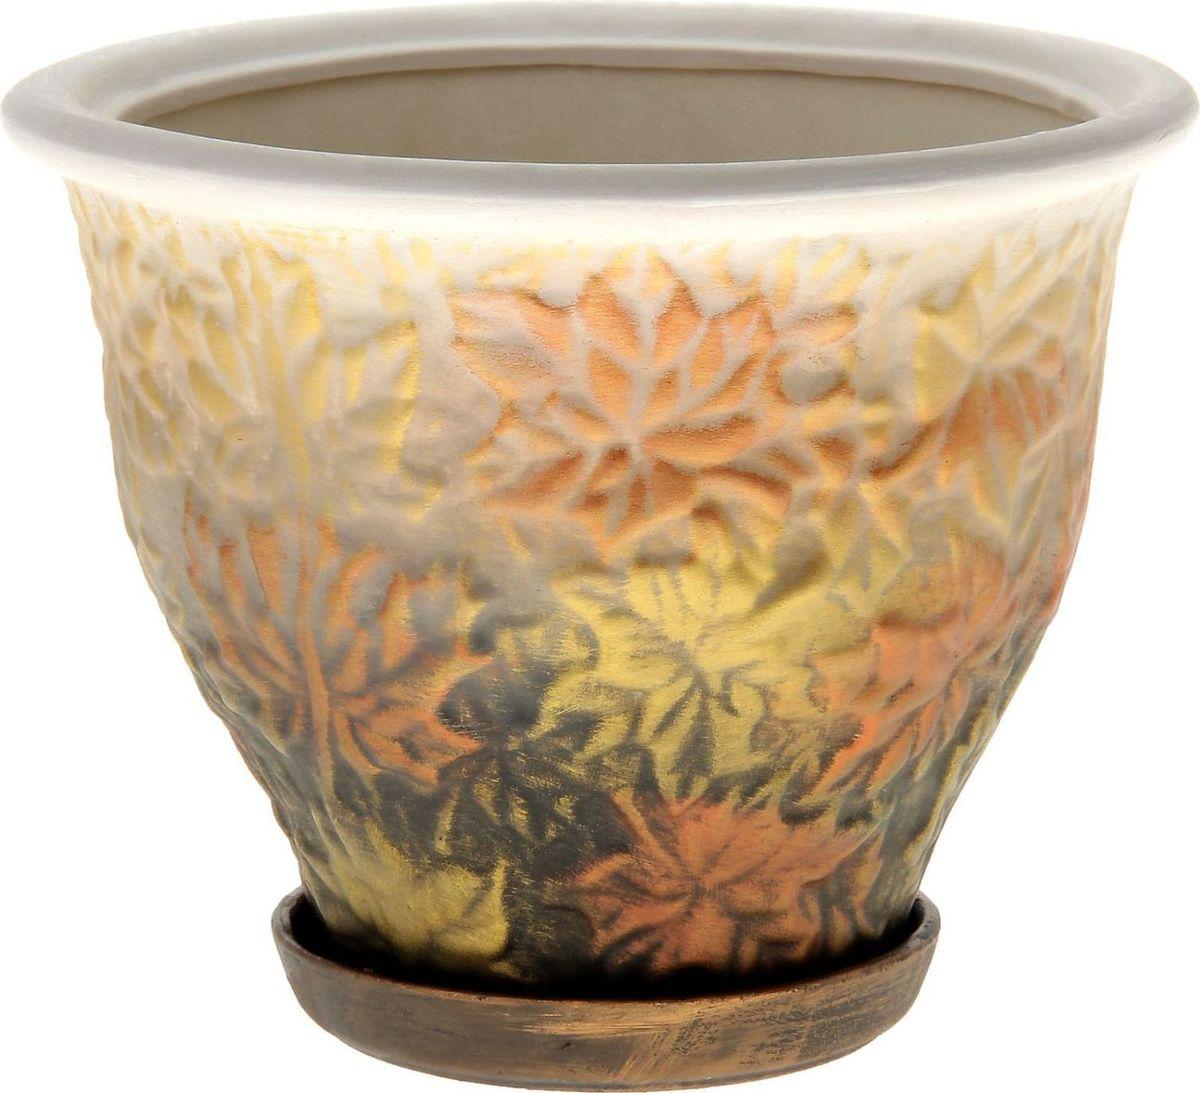 Кашпо Керамика ручной работы Клен, 4,5 л144206Комнатные растения — всеобщие любимцы. Они радуют глаз, насыщают помещение кислородом и украшают пространство. Каждому из них необходим свой удобный и красивый дом. Кашпо из керамики прекрасно подходят для высадки растений: за счёт пластичности глины и разных способов обработки существует великое множество форм и дизайновпористый материал позволяет испаряться лишней влагевоздух, необходимый для дыхания корней, проникает сквозь керамические стенки! #name# позаботится о зелёном питомце, освежит интерьер и подчеркнёт его стиль.